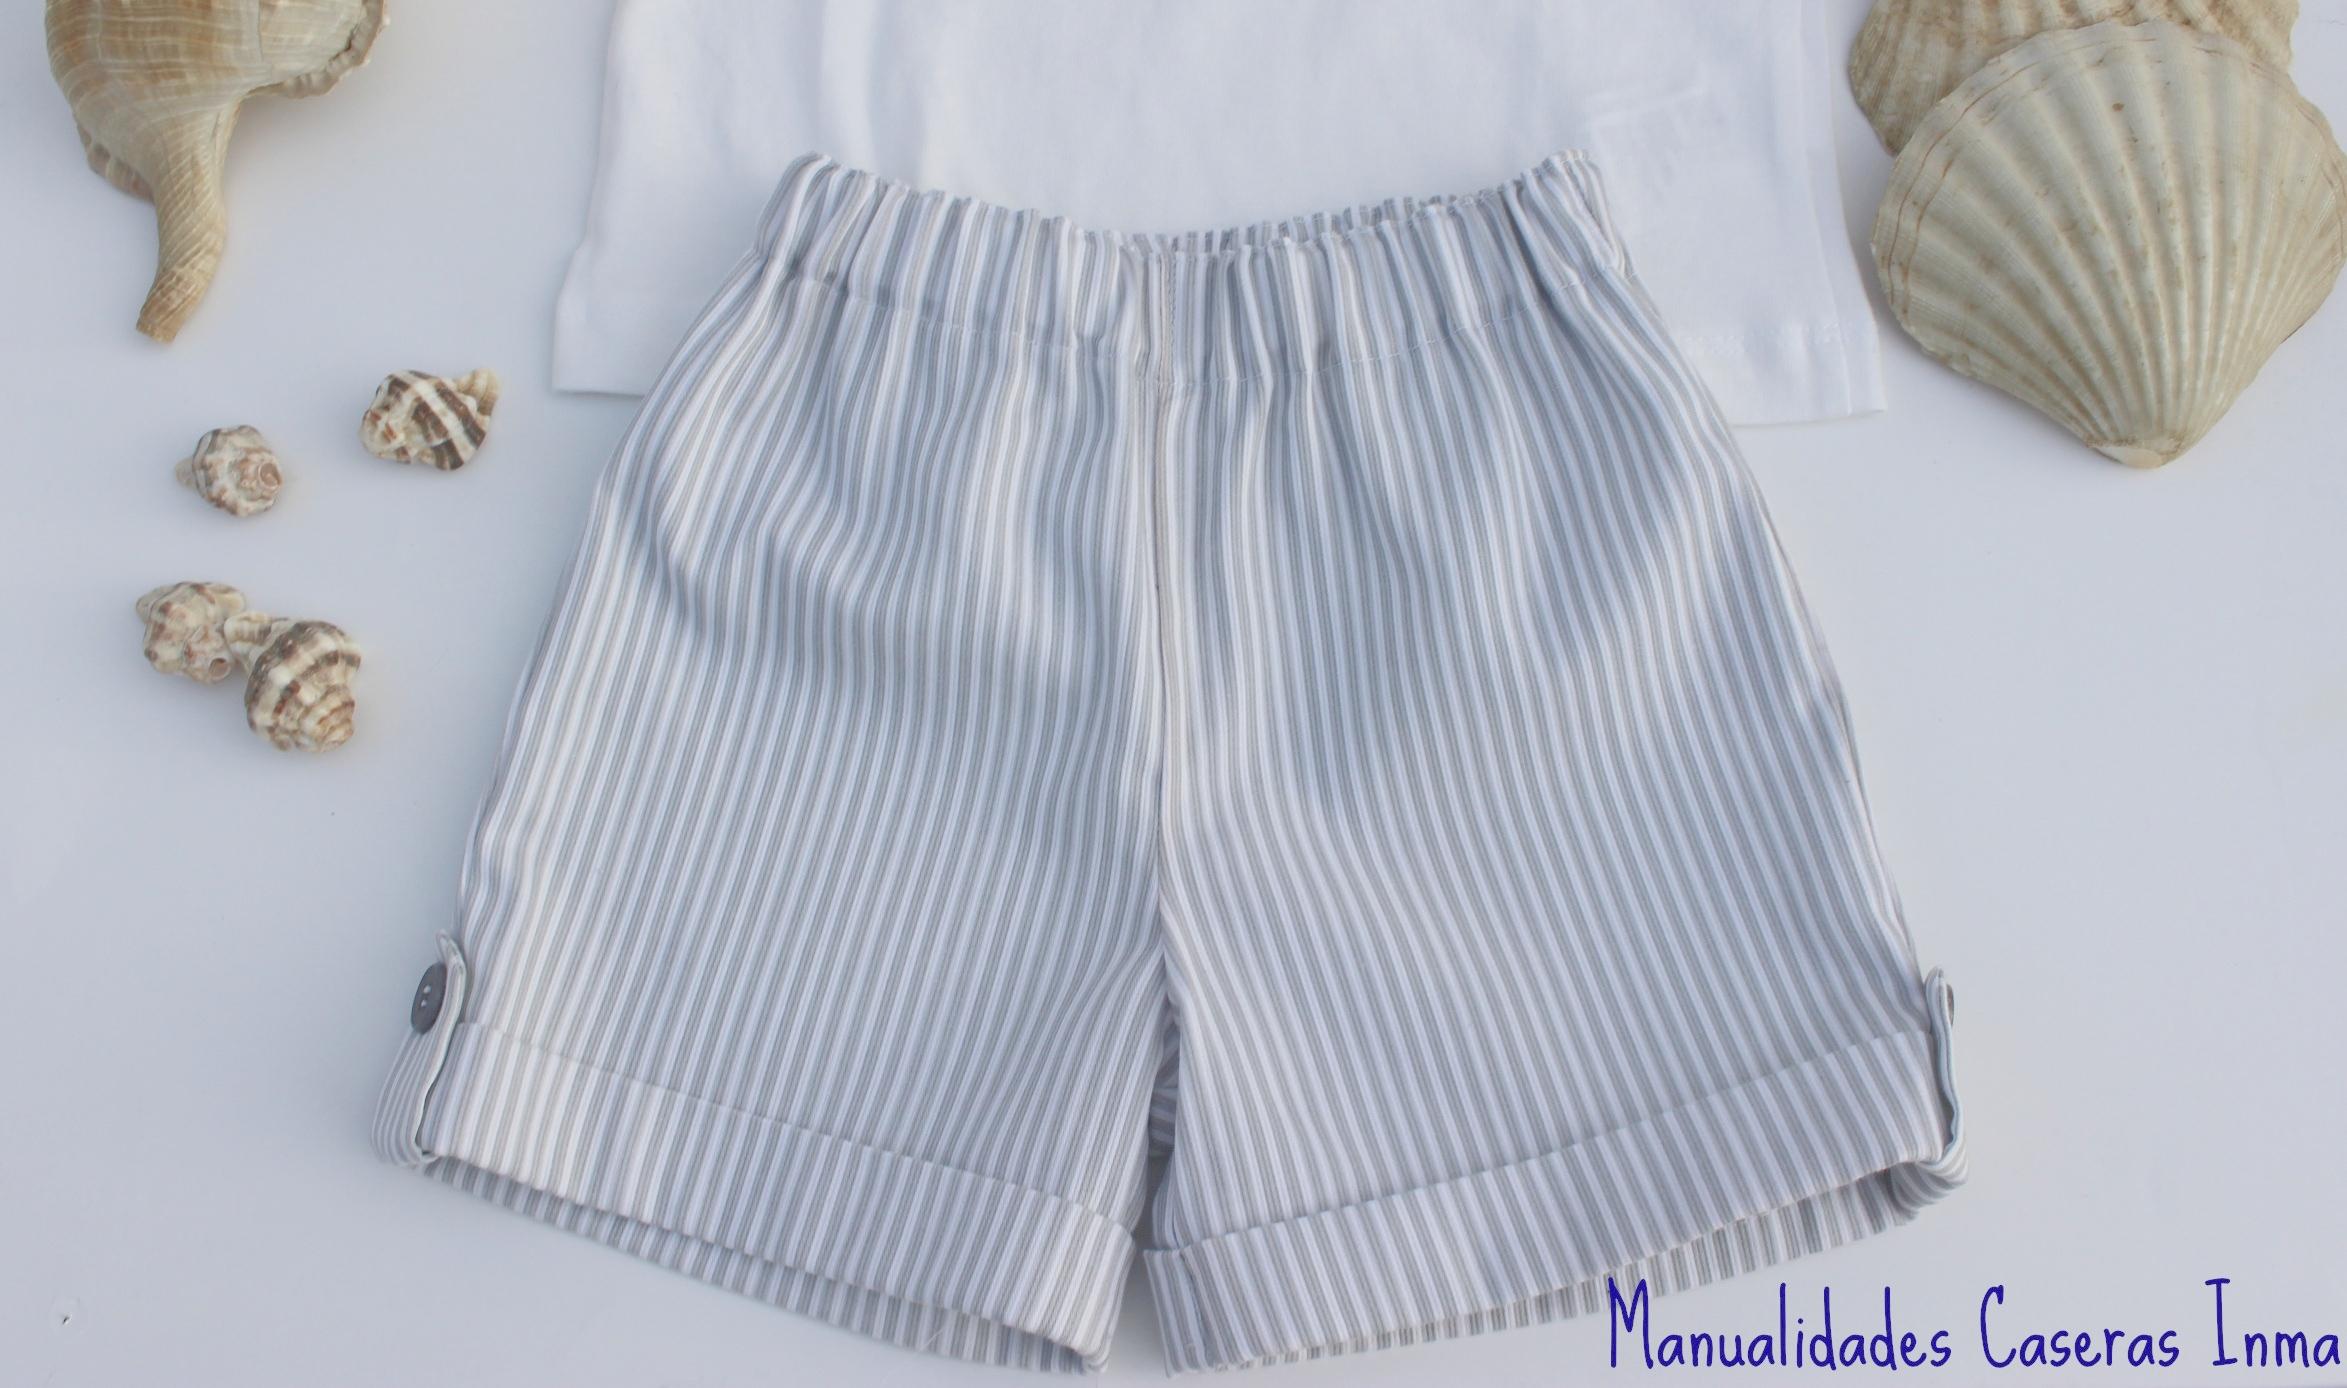 Manualidades Caseras Inma_ Conjunto Rayas para niños_detalle del pantalon